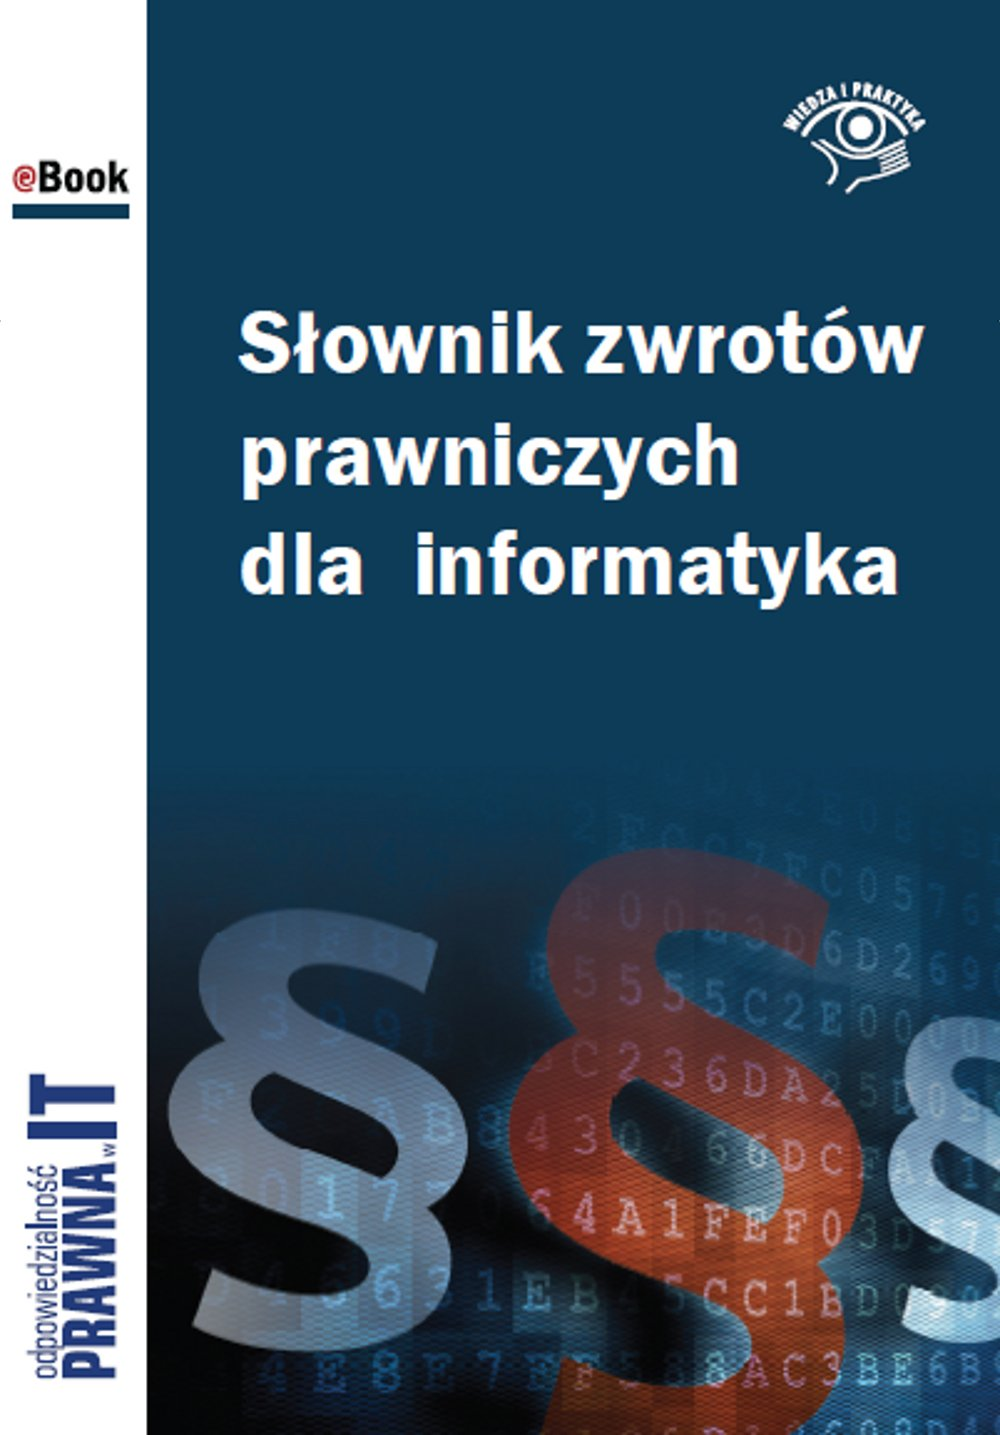 Słownik zwrotów prawniczych dla informatyka - Ebook (Książka PDF) do pobrania w formacie PDF